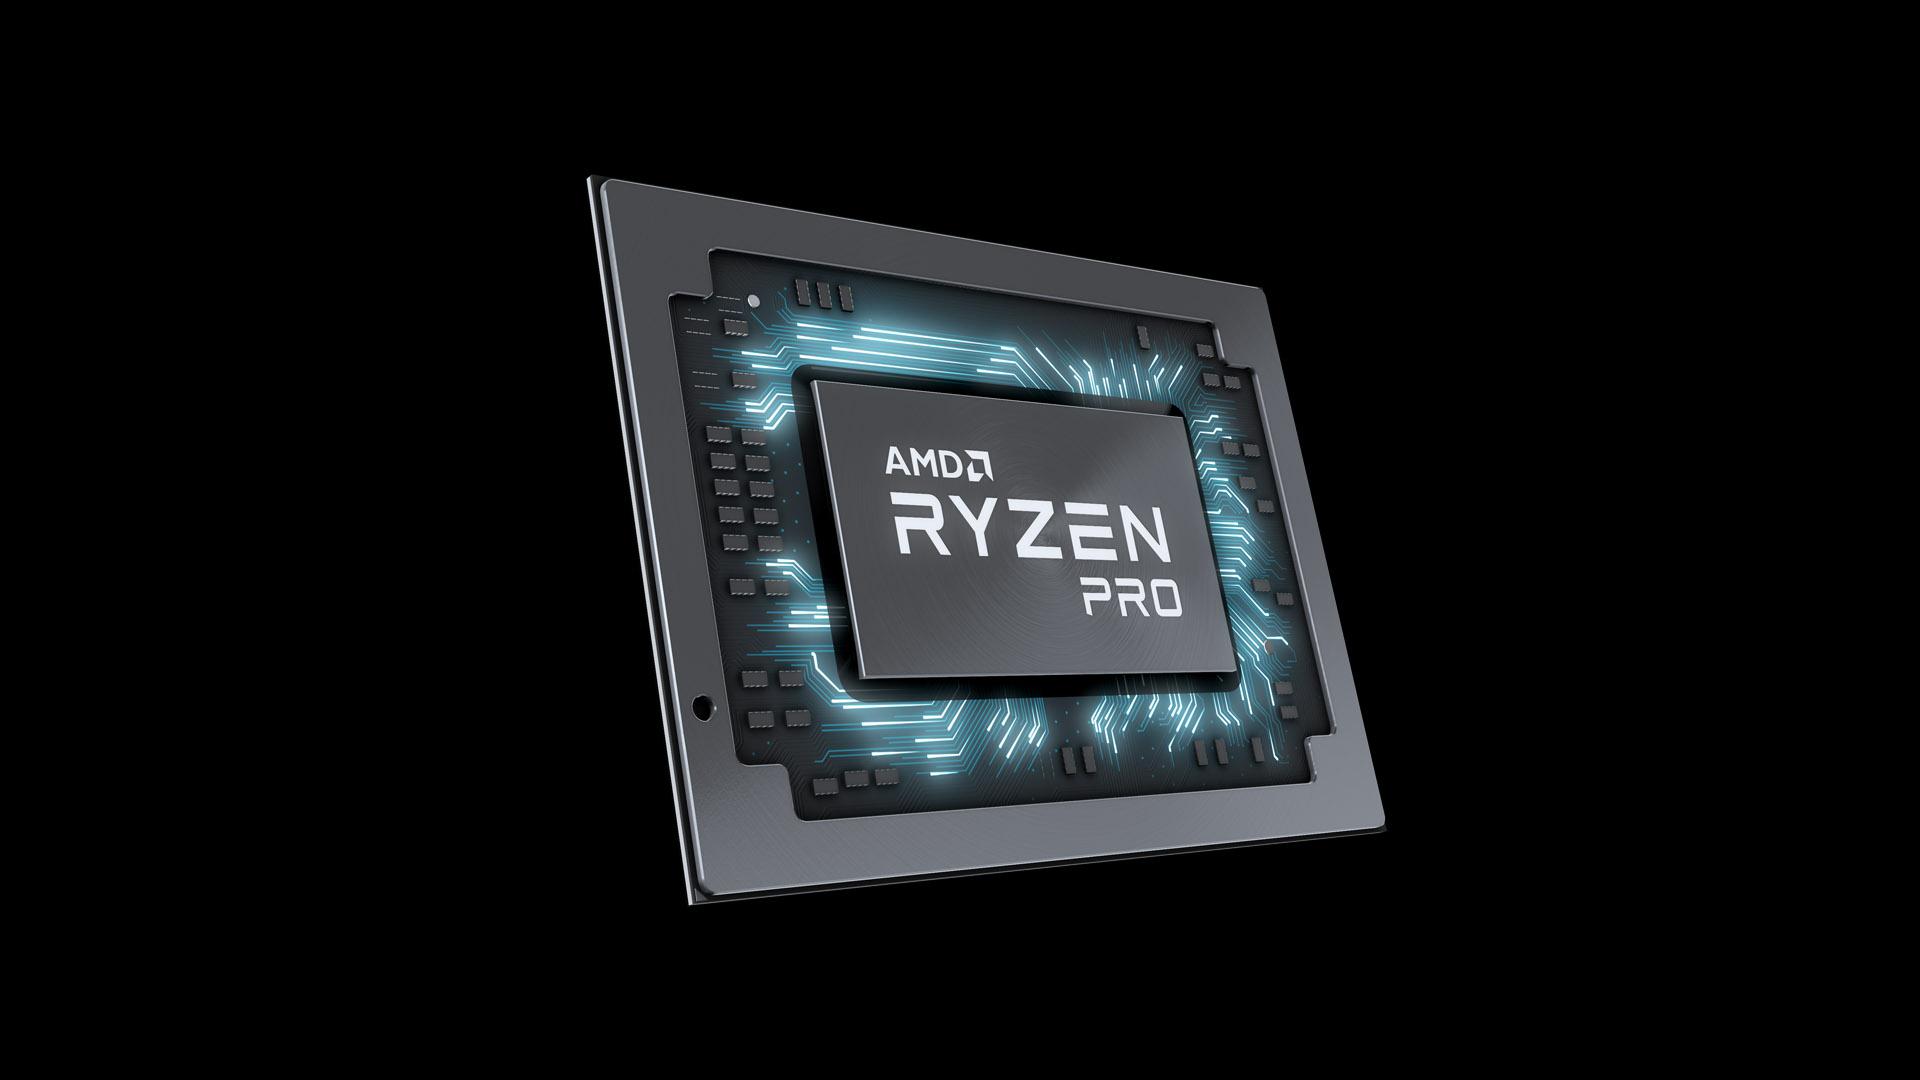 Radeony RX 5700 nově podporují 4k Netflix | Diit cz